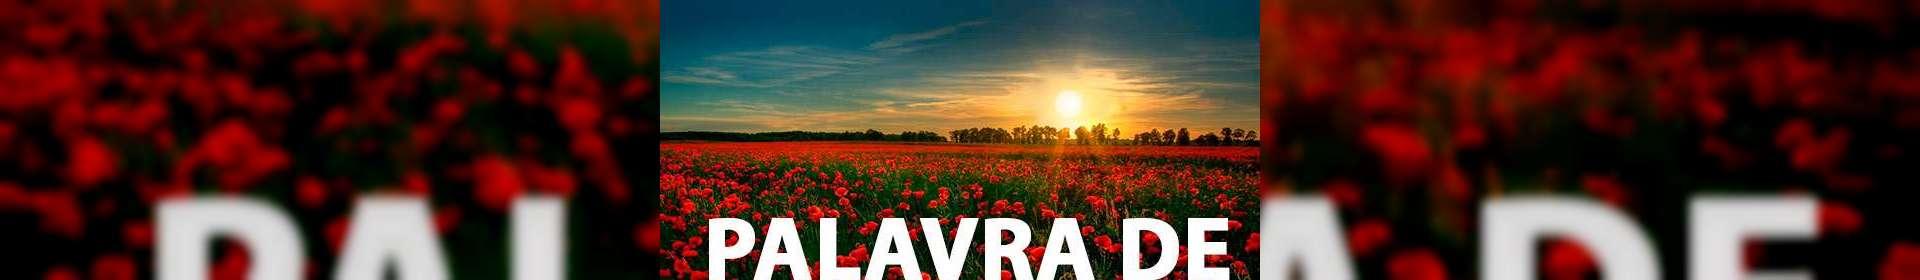 Salmos 13:6 - Uma Palavra de Esperança para sua vida